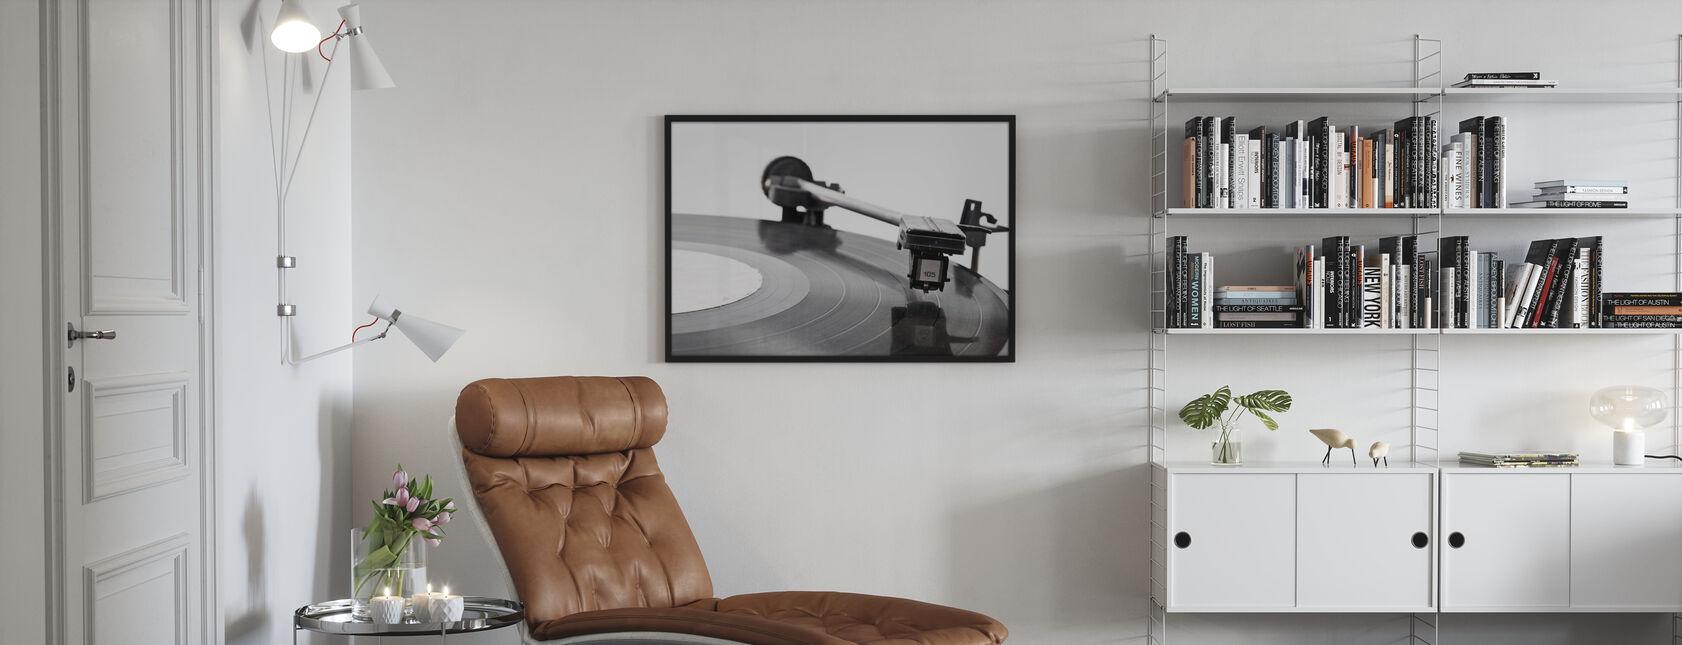 Vanha vinyylisoitin - Kehystetty kuva - Olohuone